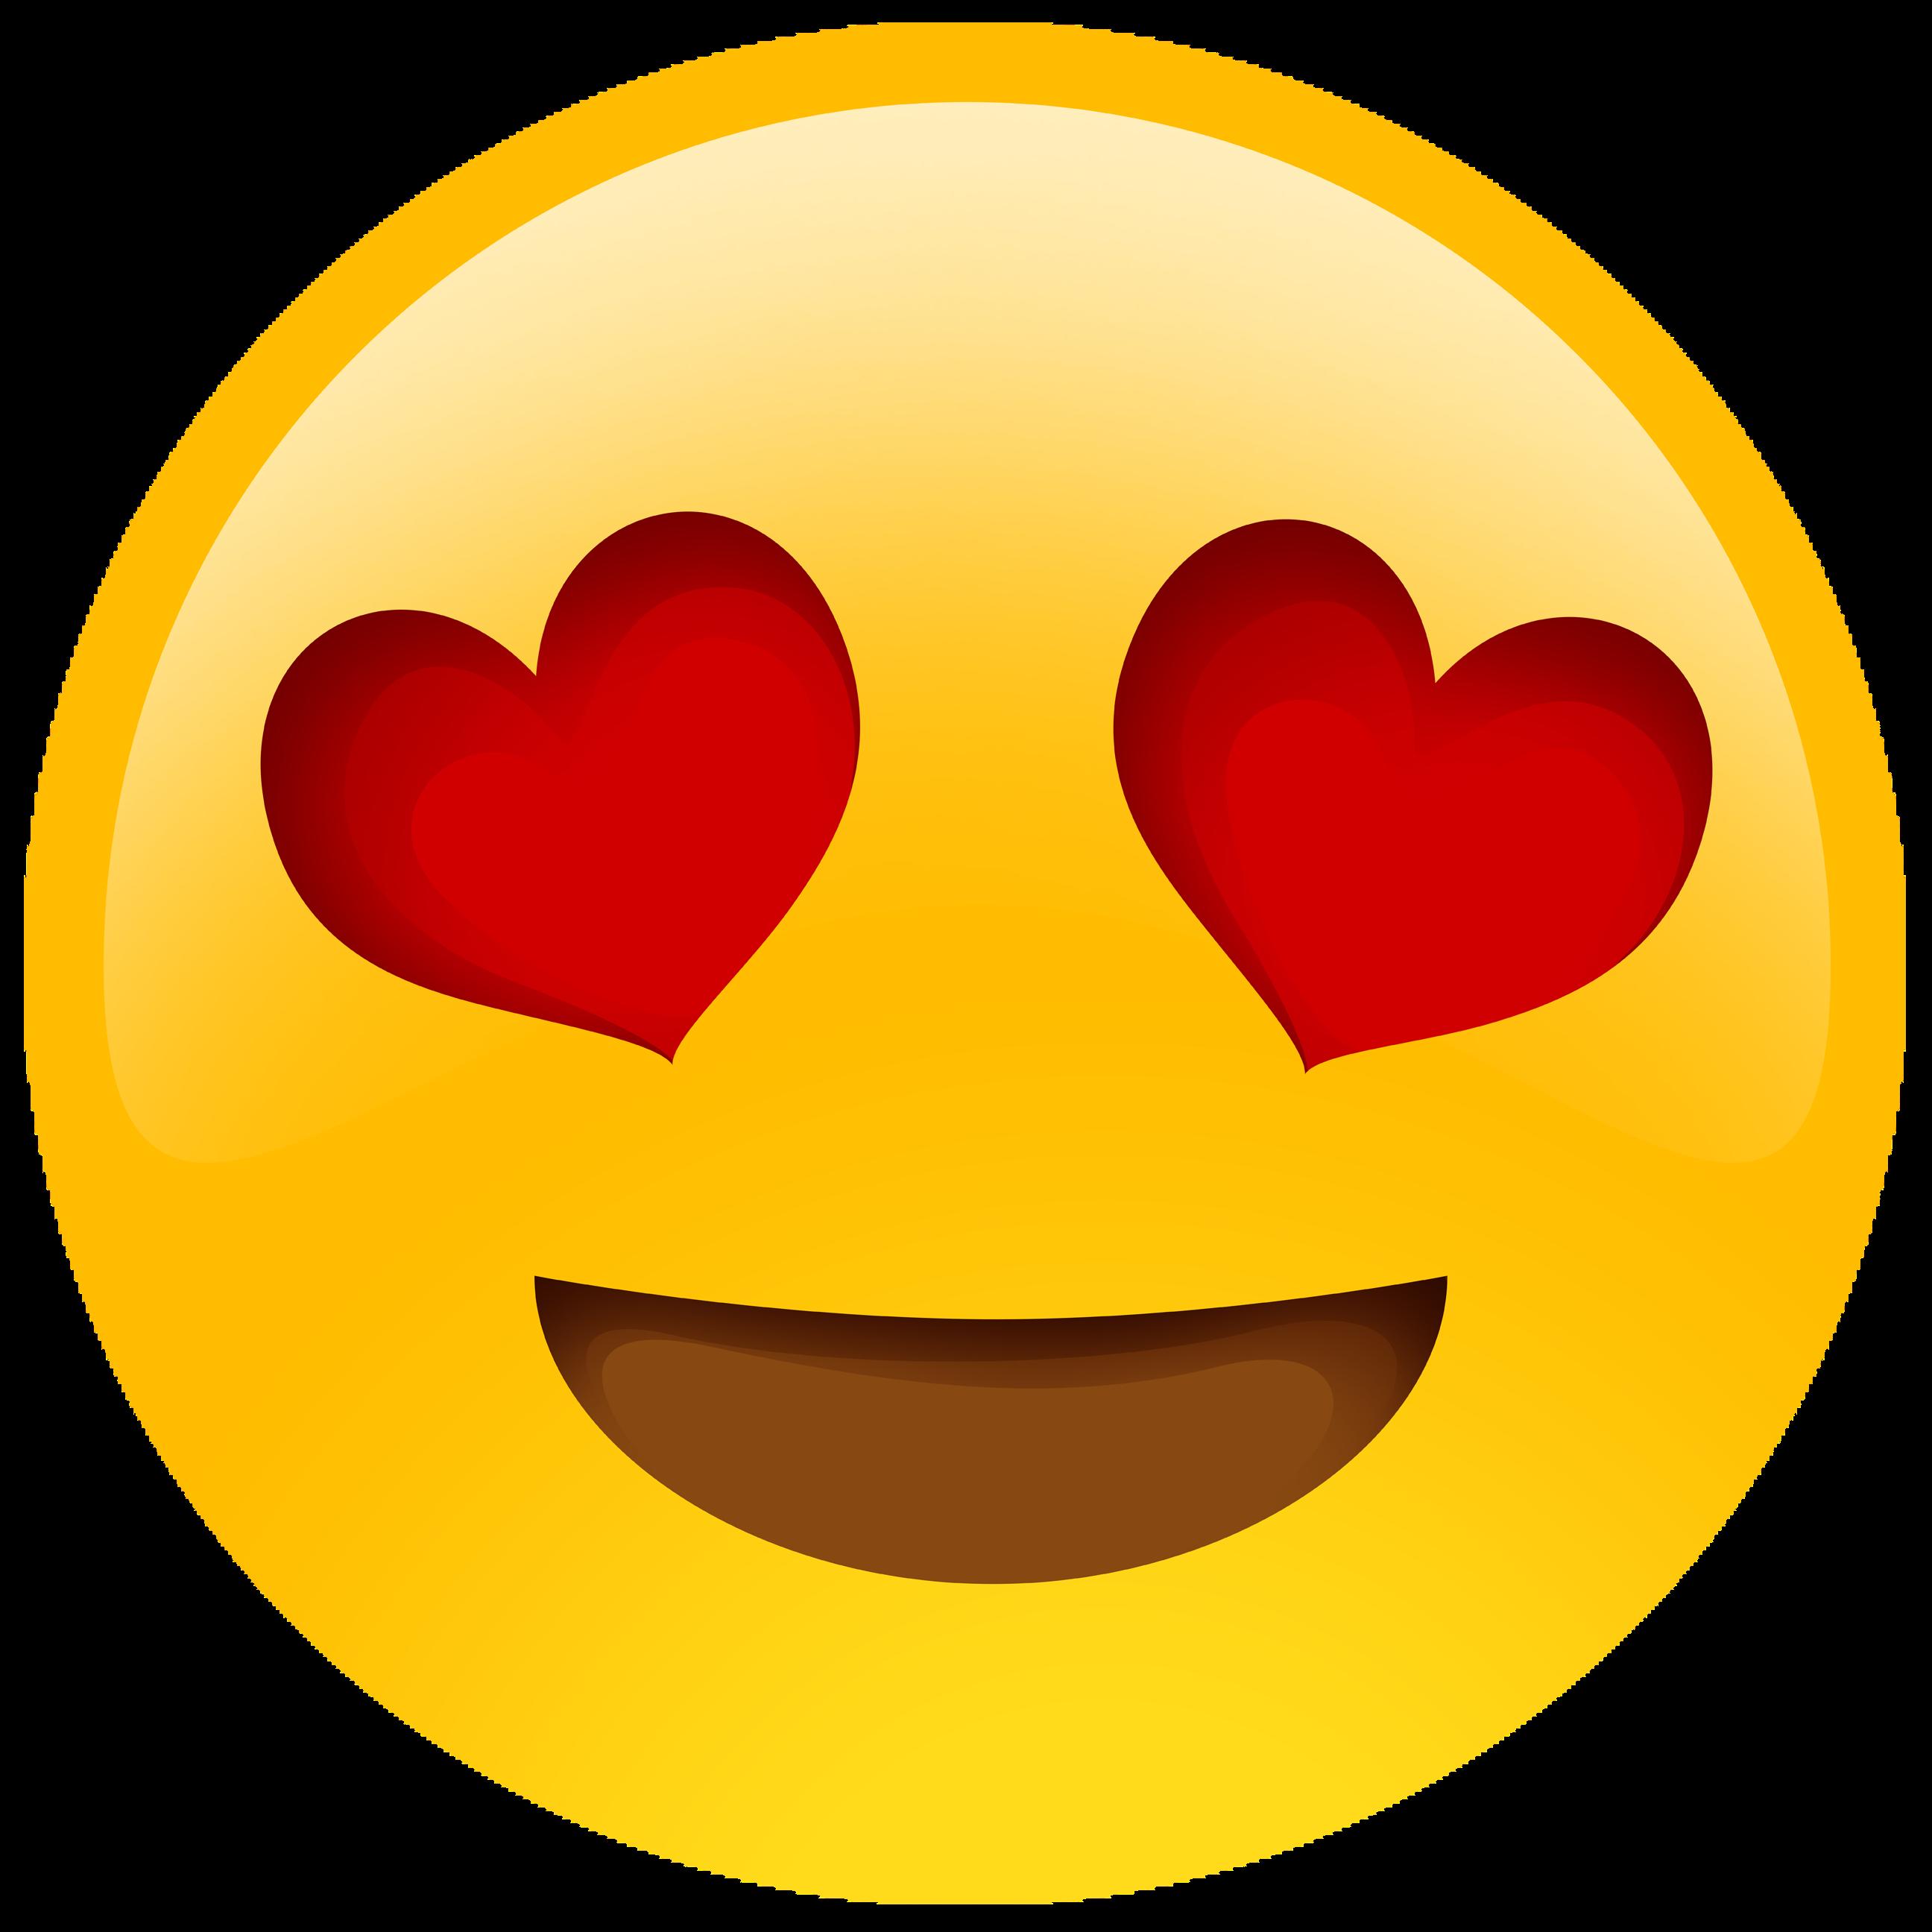 Elvis clipart emojis. Resultado de imagen para